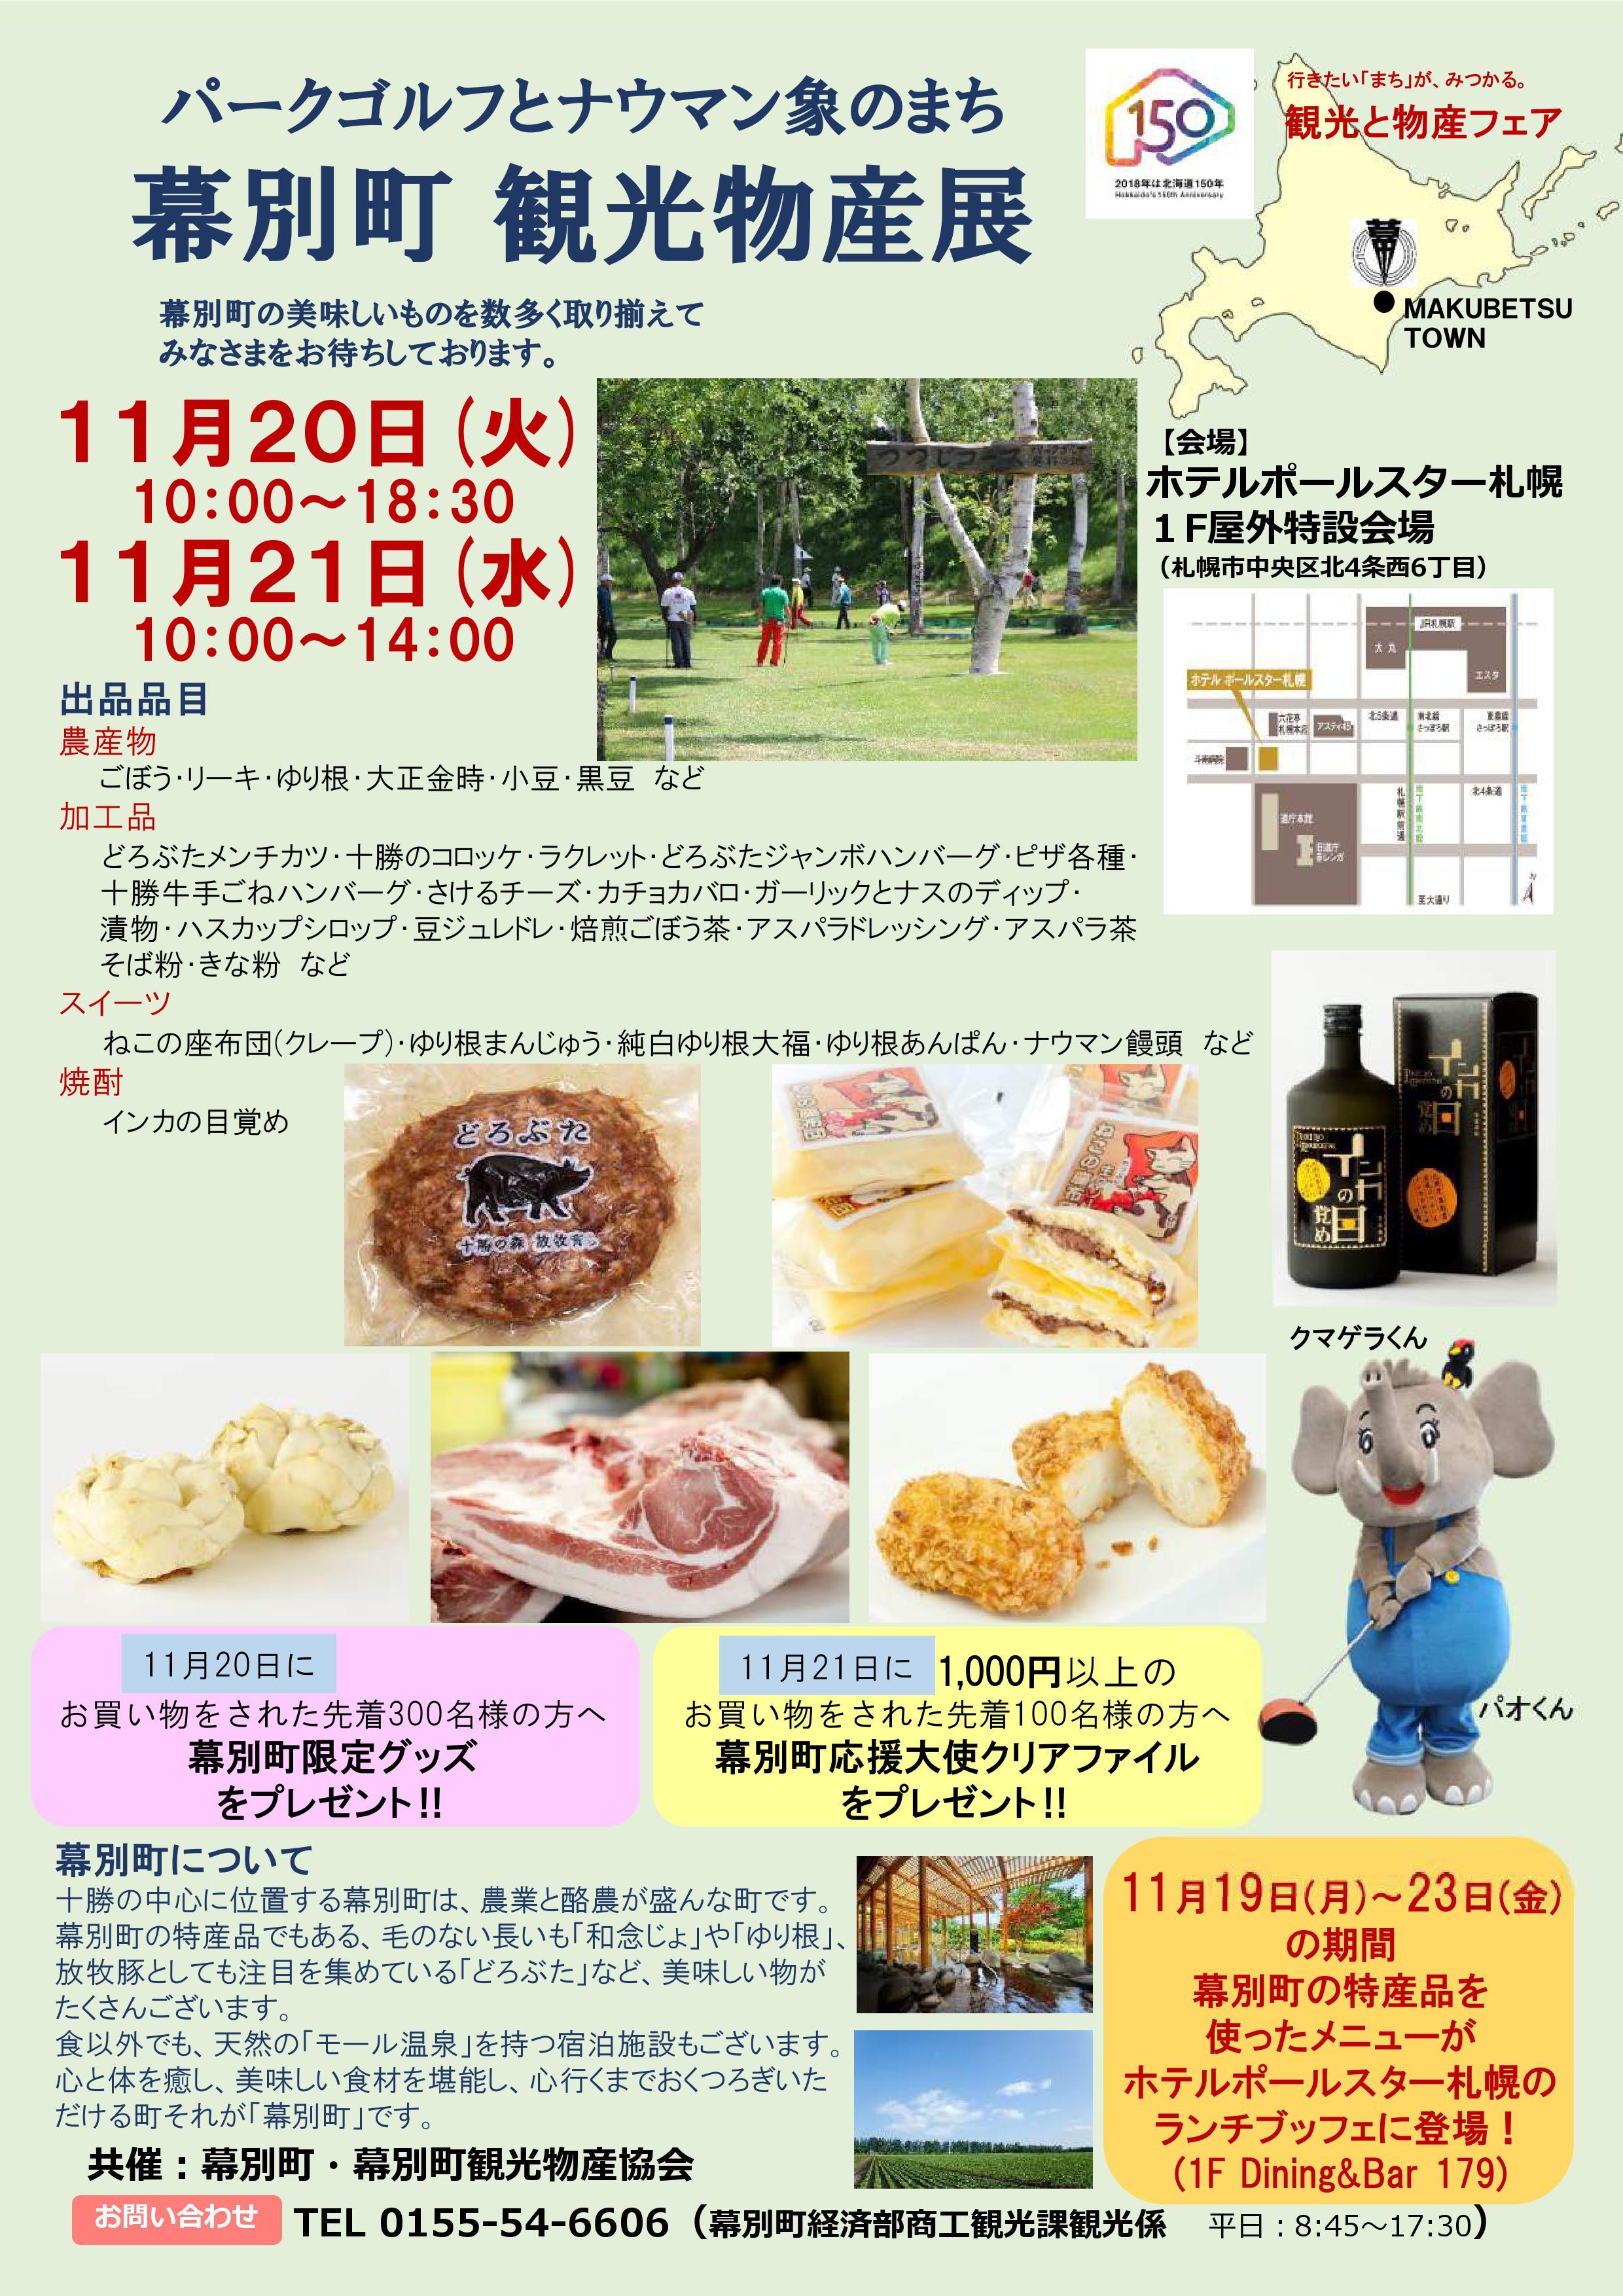 幕別町観光物産展(11月20~21日)が開かれます。